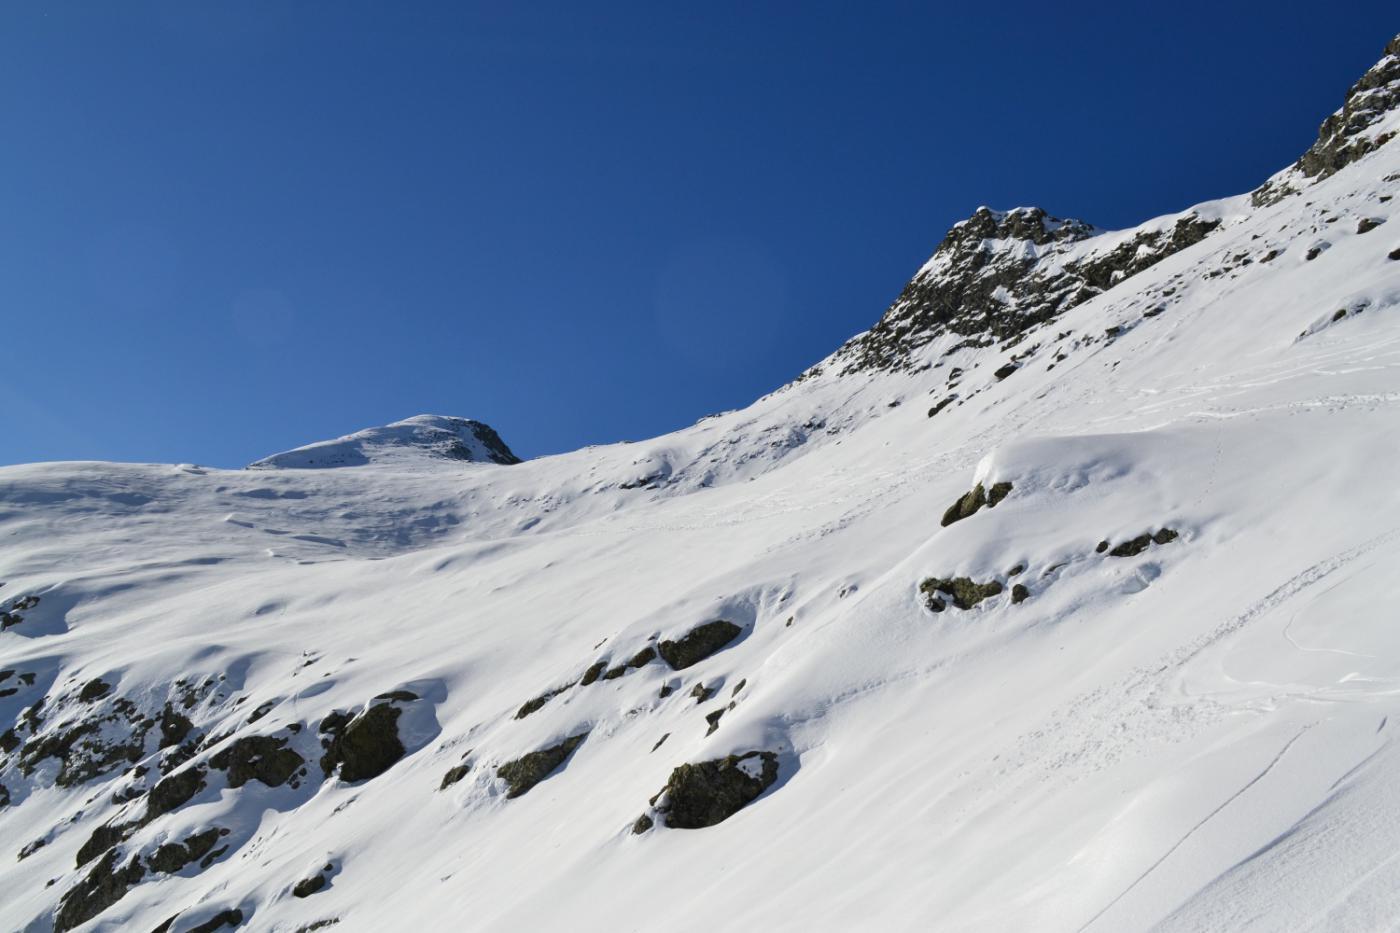 il traverso in direzione della cima